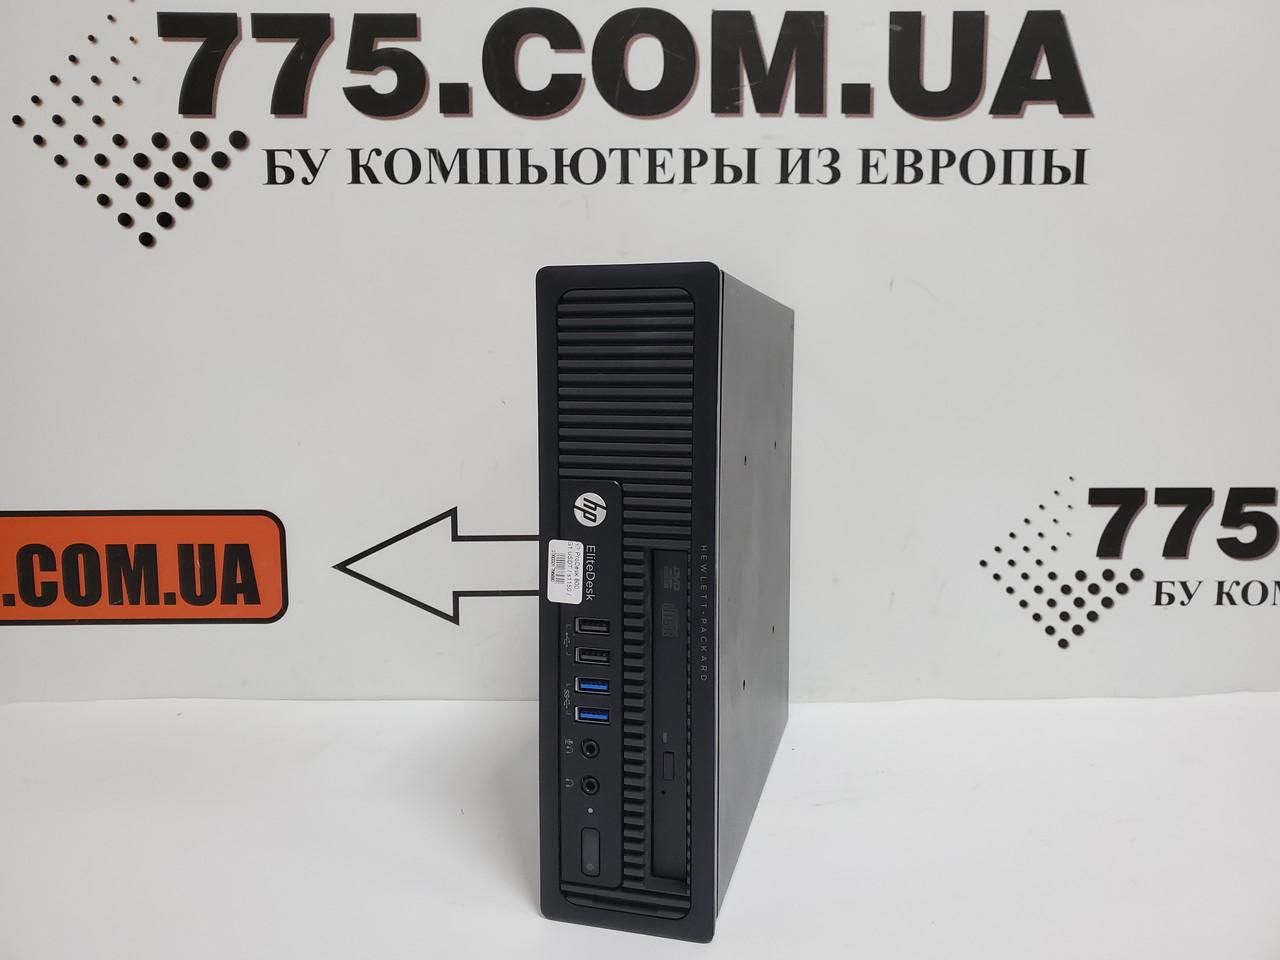 Компьютер HP EliteDesk 800 G1 USDT, Intel Pentium G3220 3.0GHz, RAM 4ГБ, HDD 250ГБ